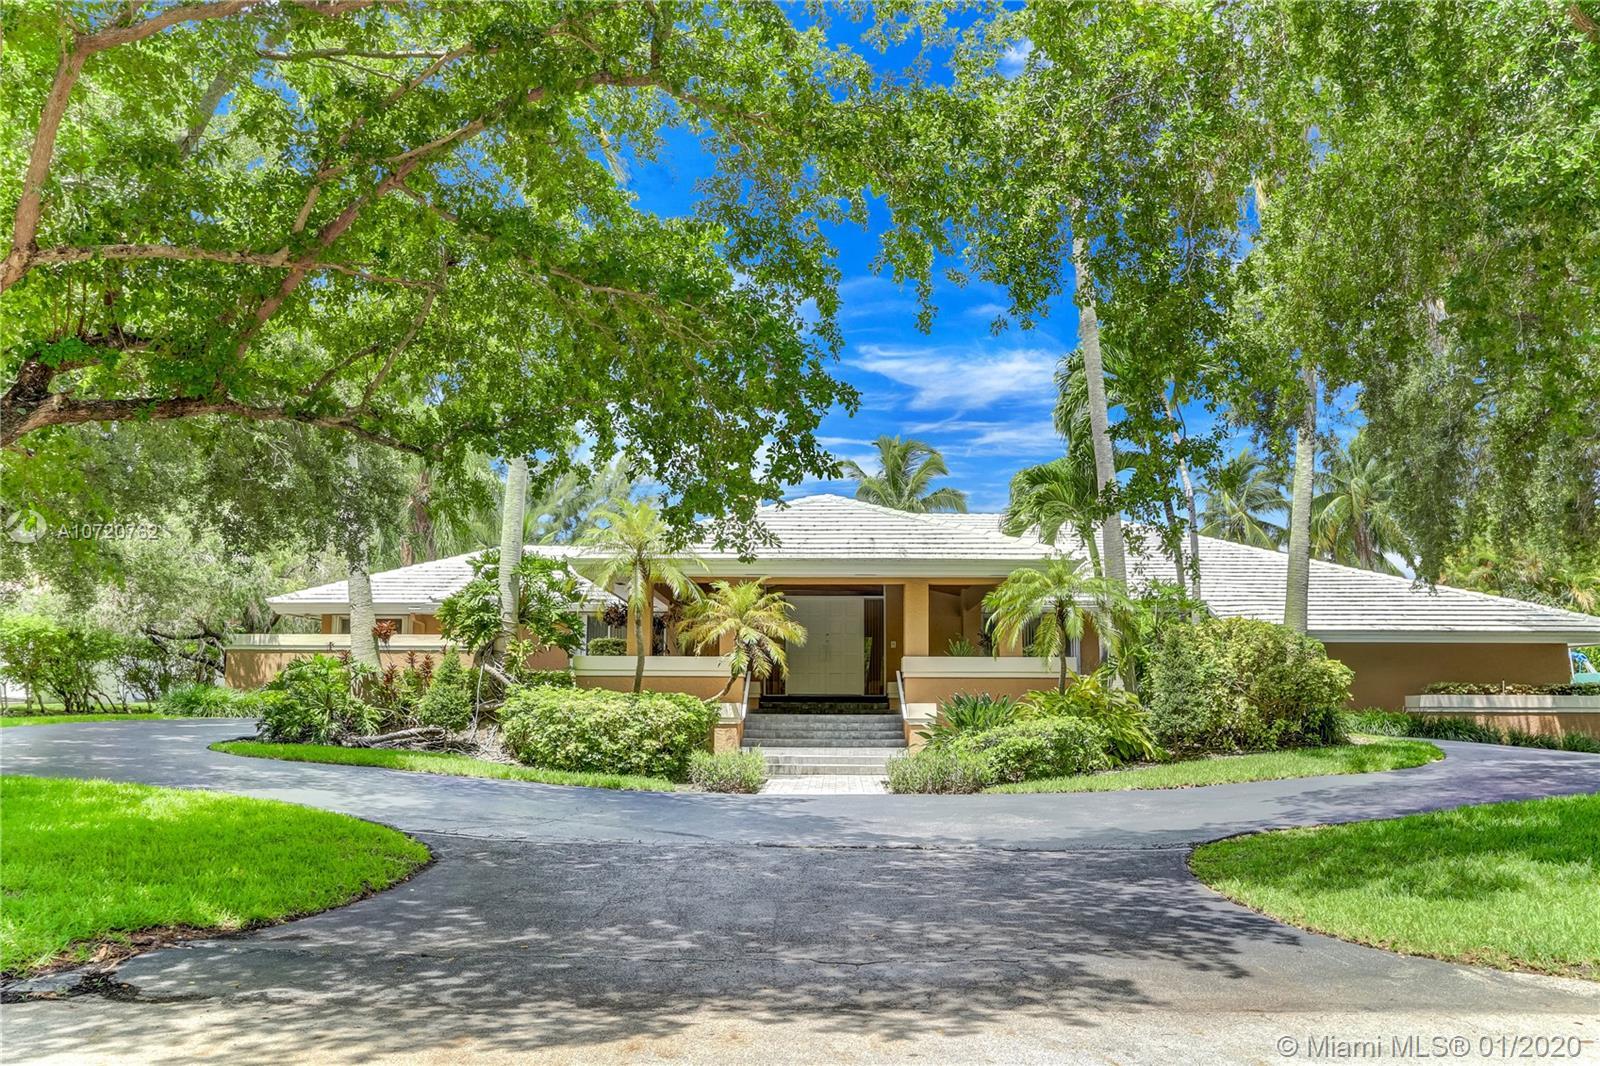 11050 Marin St, Coral Gables, Florida